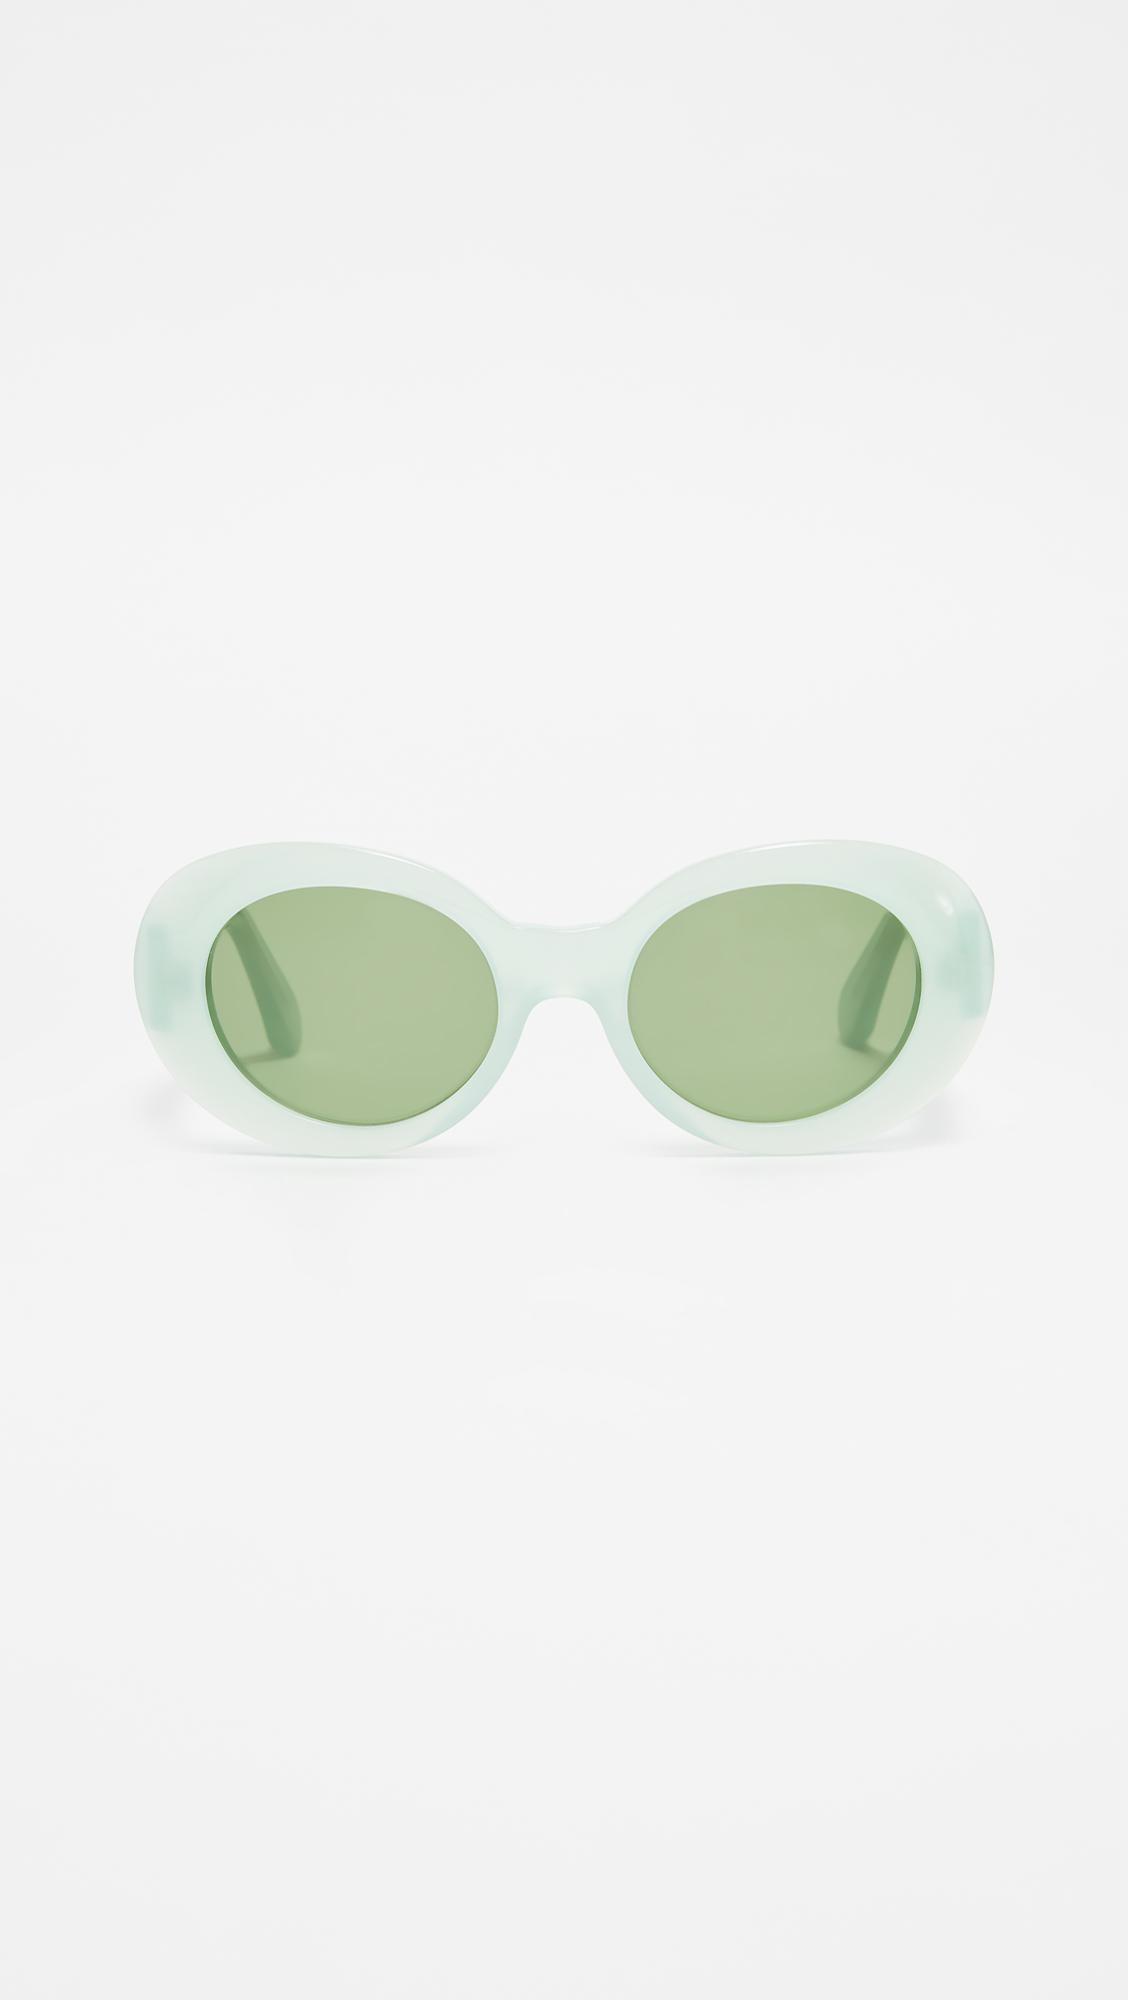 Sonnenbrille Mustang Acne Studios | freundeskreis